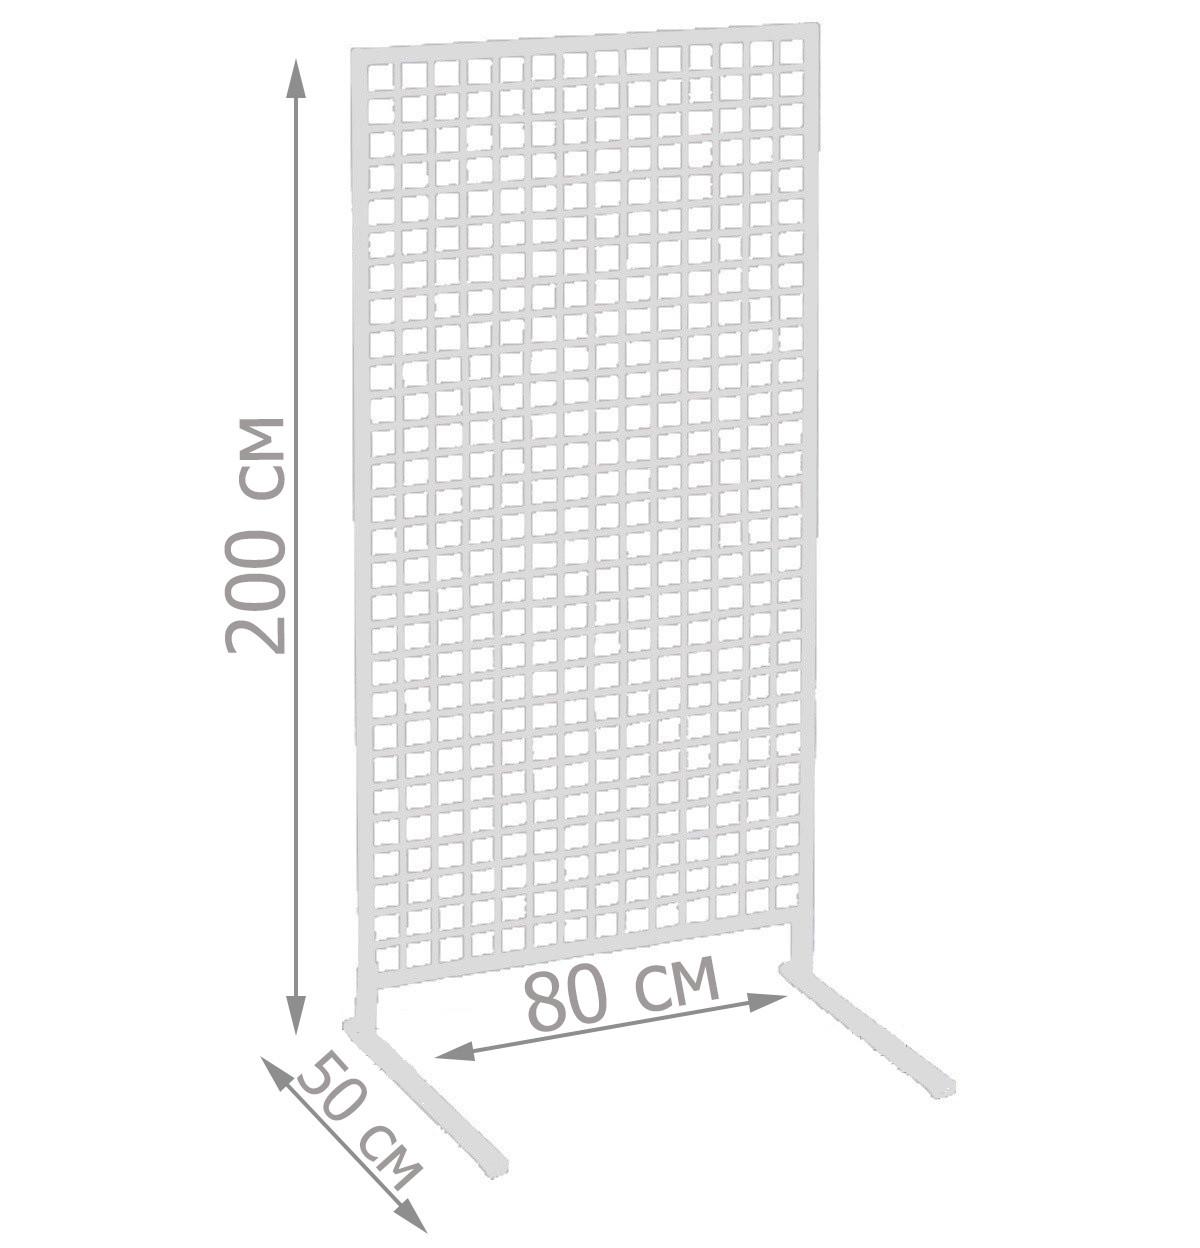 Торговая сетка стойка на ножках 200/80см профиль17х17 мм (от производителя оптом и в розницу)